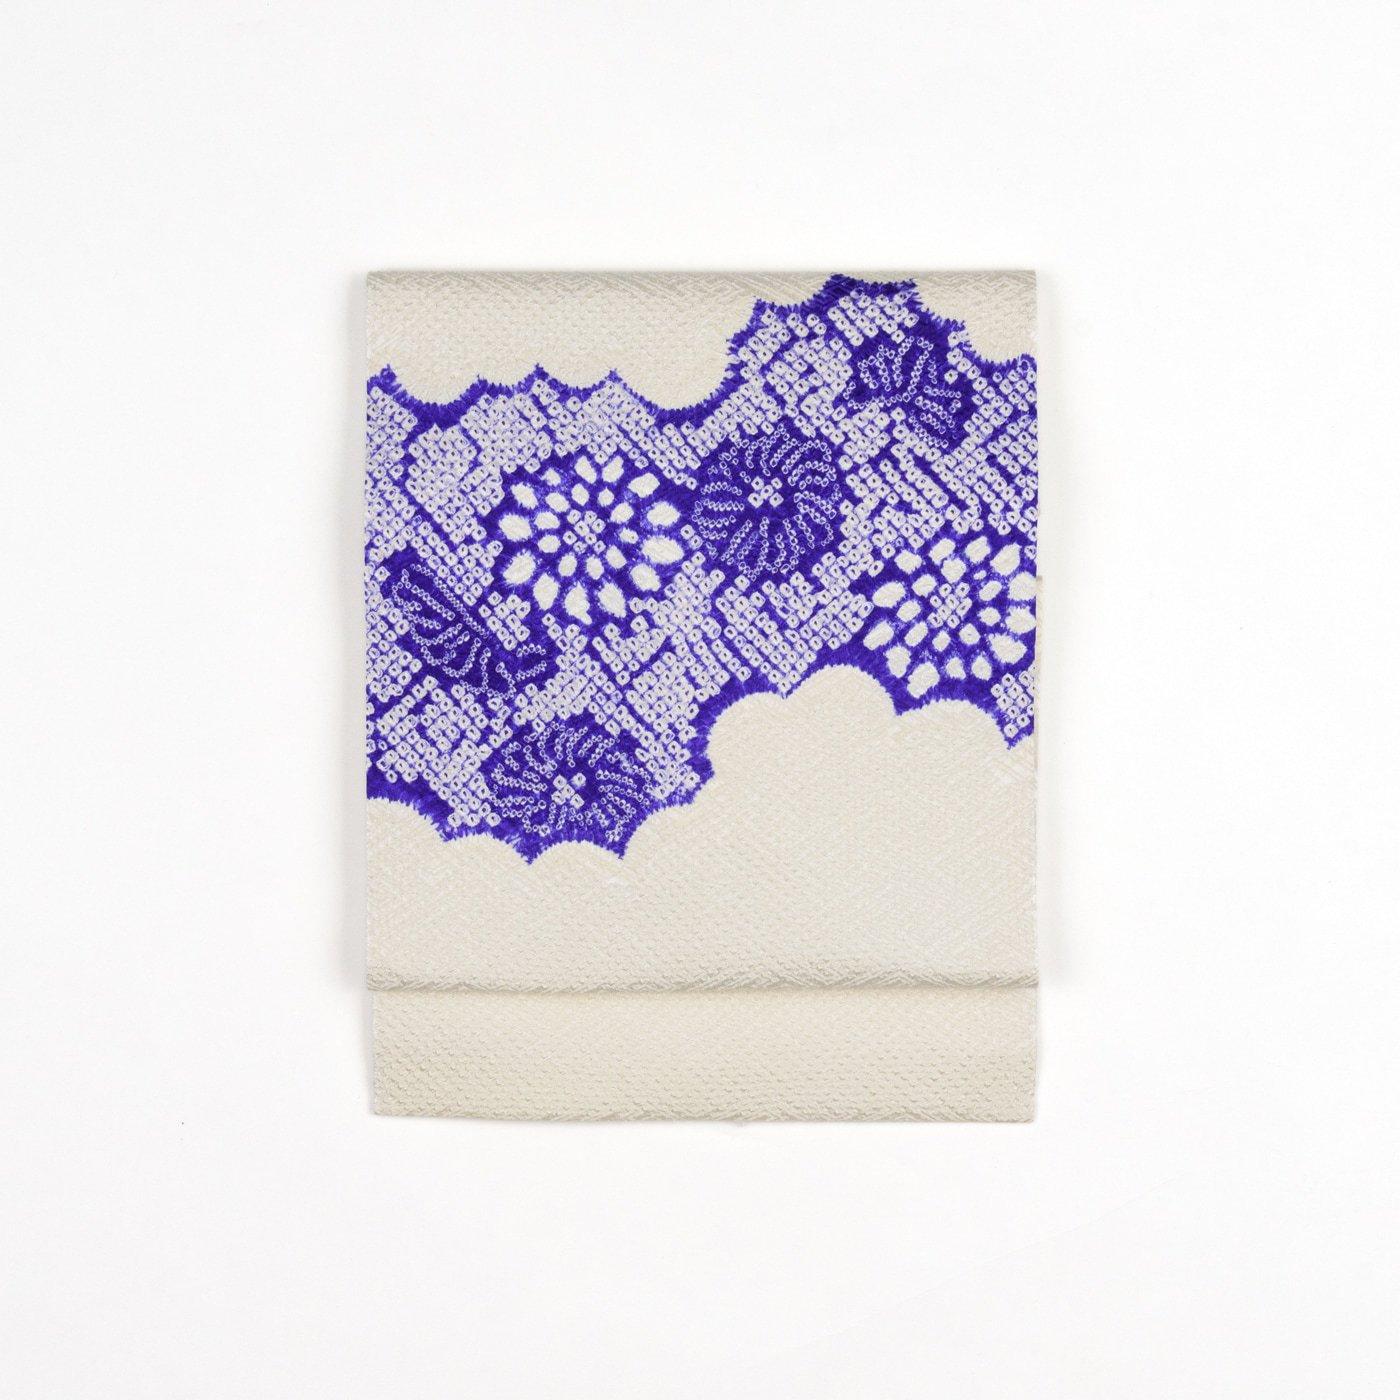 「絞り 群青色の菊」の商品画像